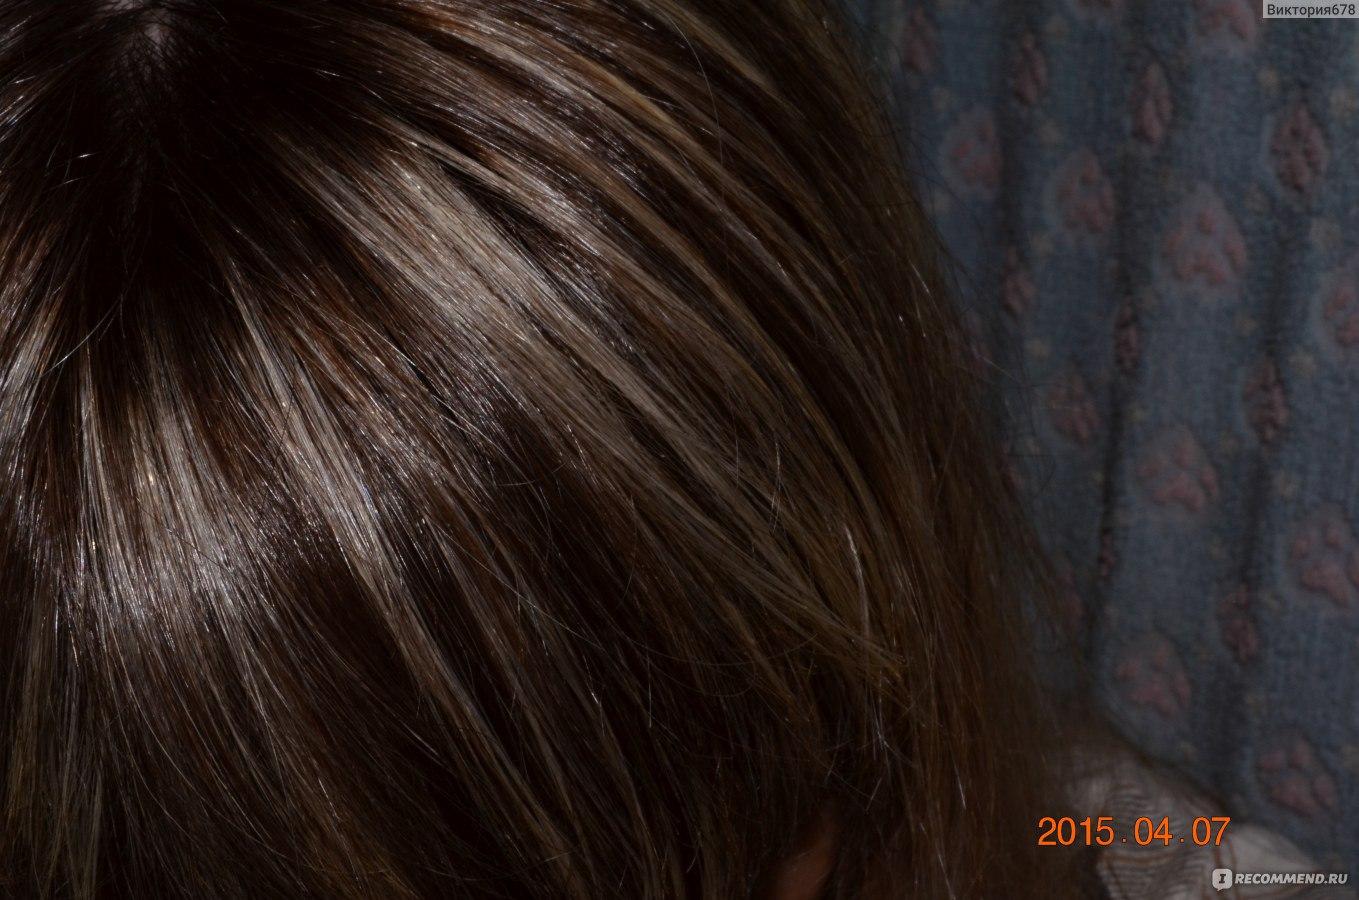 Хороший шампунь для роста и густоты волос